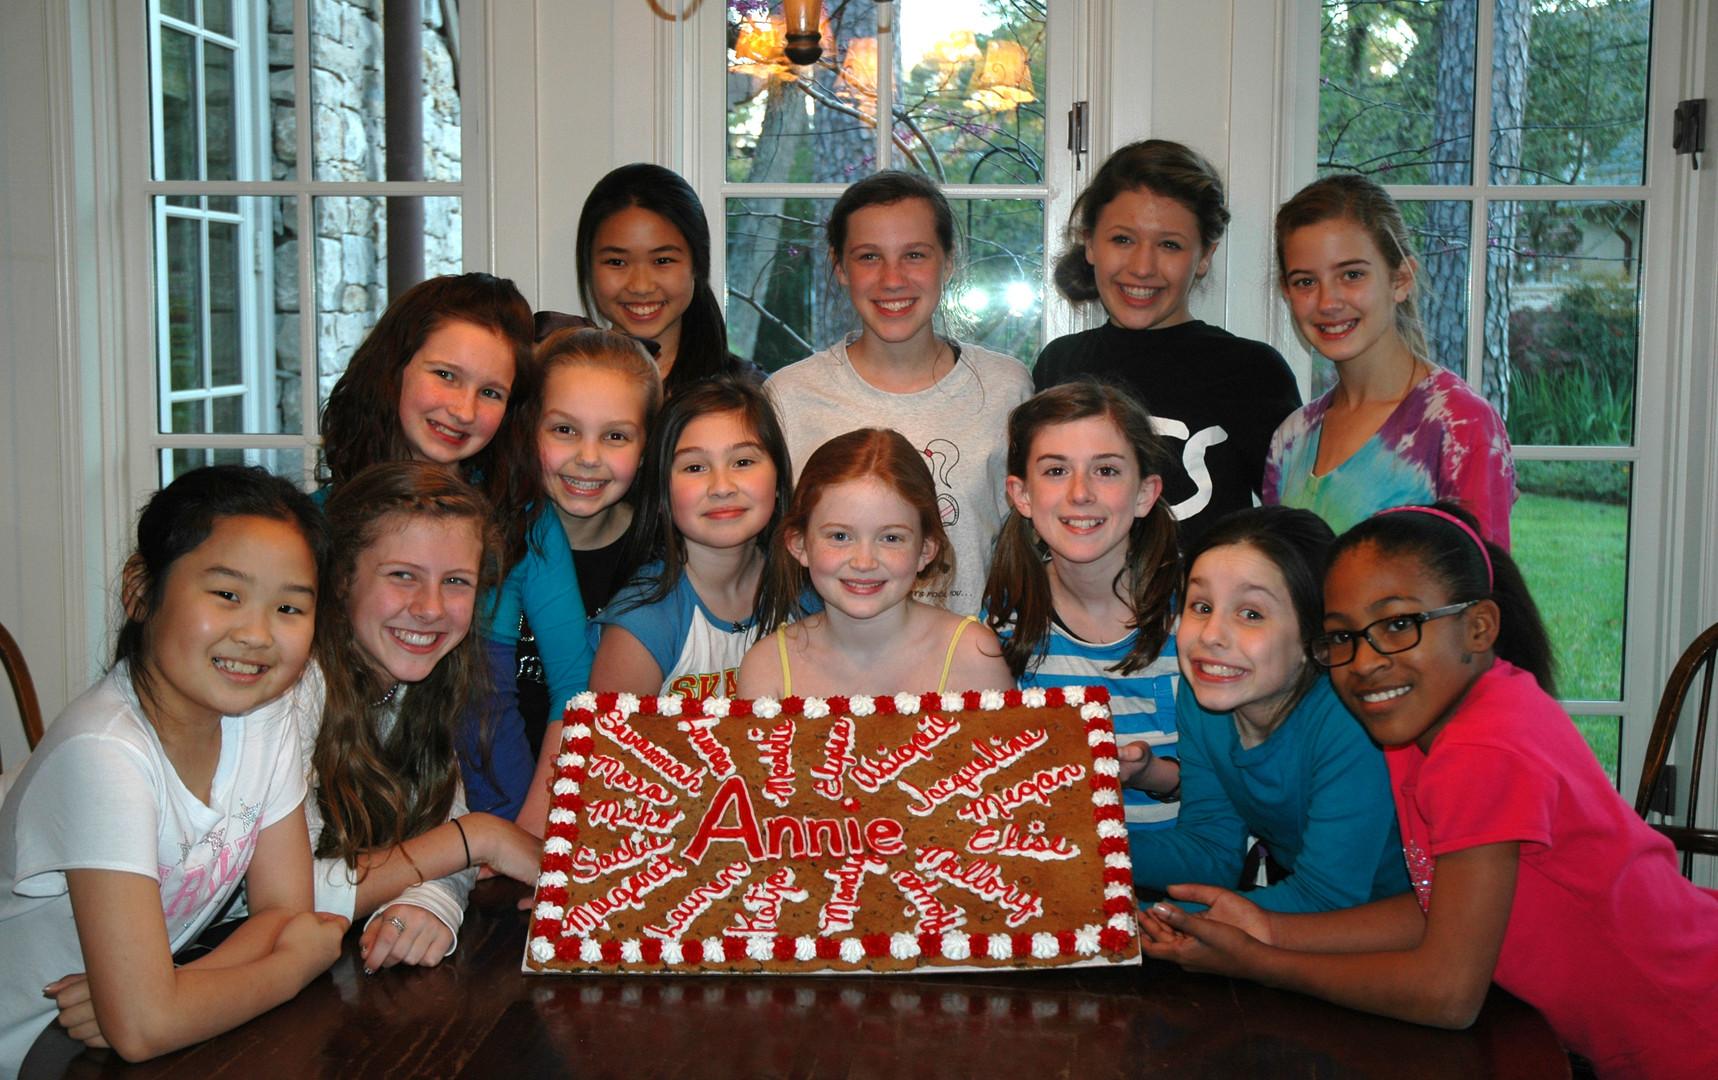 Annie celebration.JPG